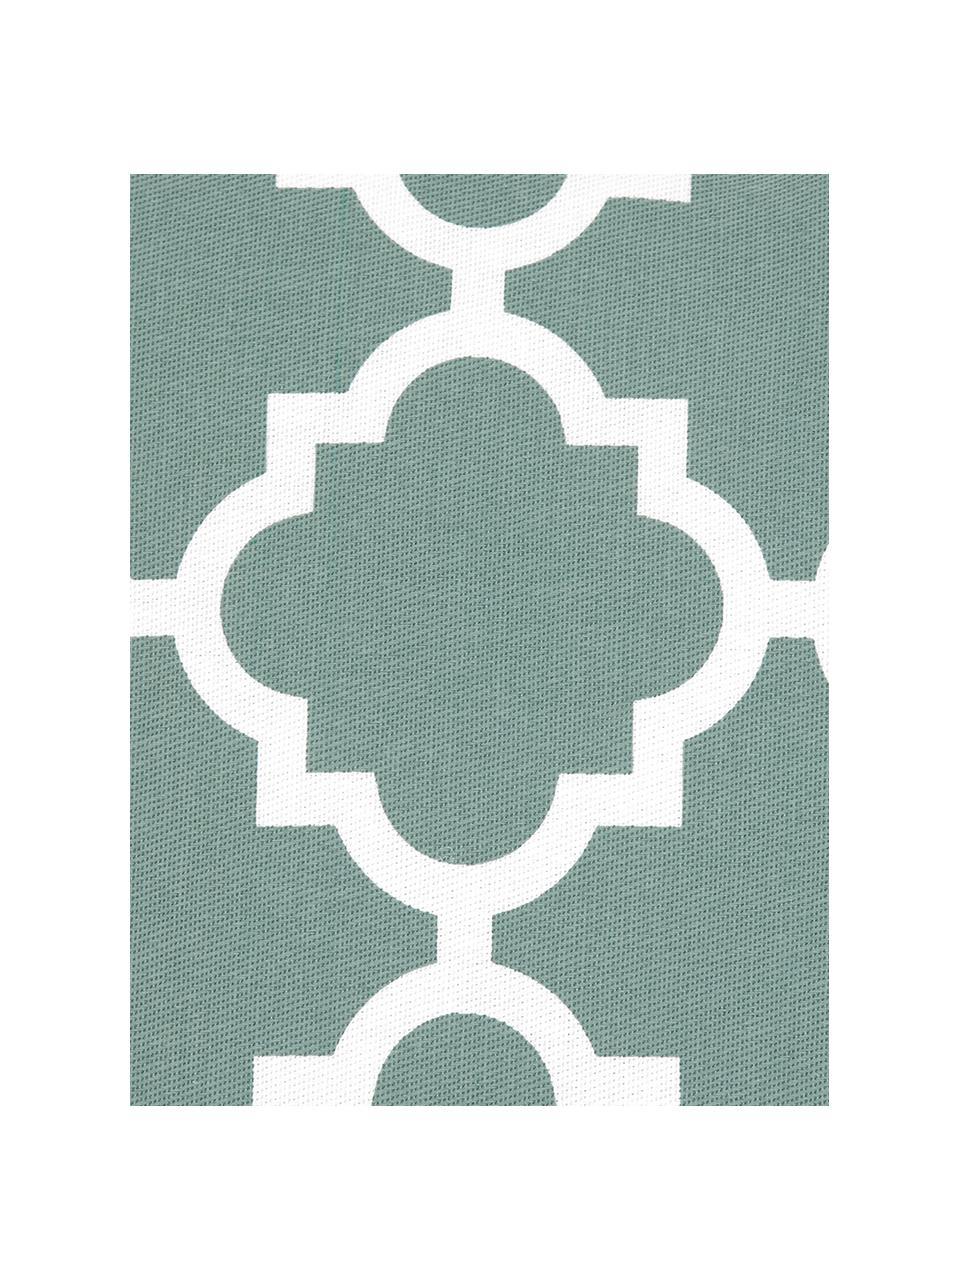 Kissenhülle Lana in Salbeigrün mit grafischem Muster, 100% Baumwolle, Salbeigrün, Weiß, 45 x 45 cm